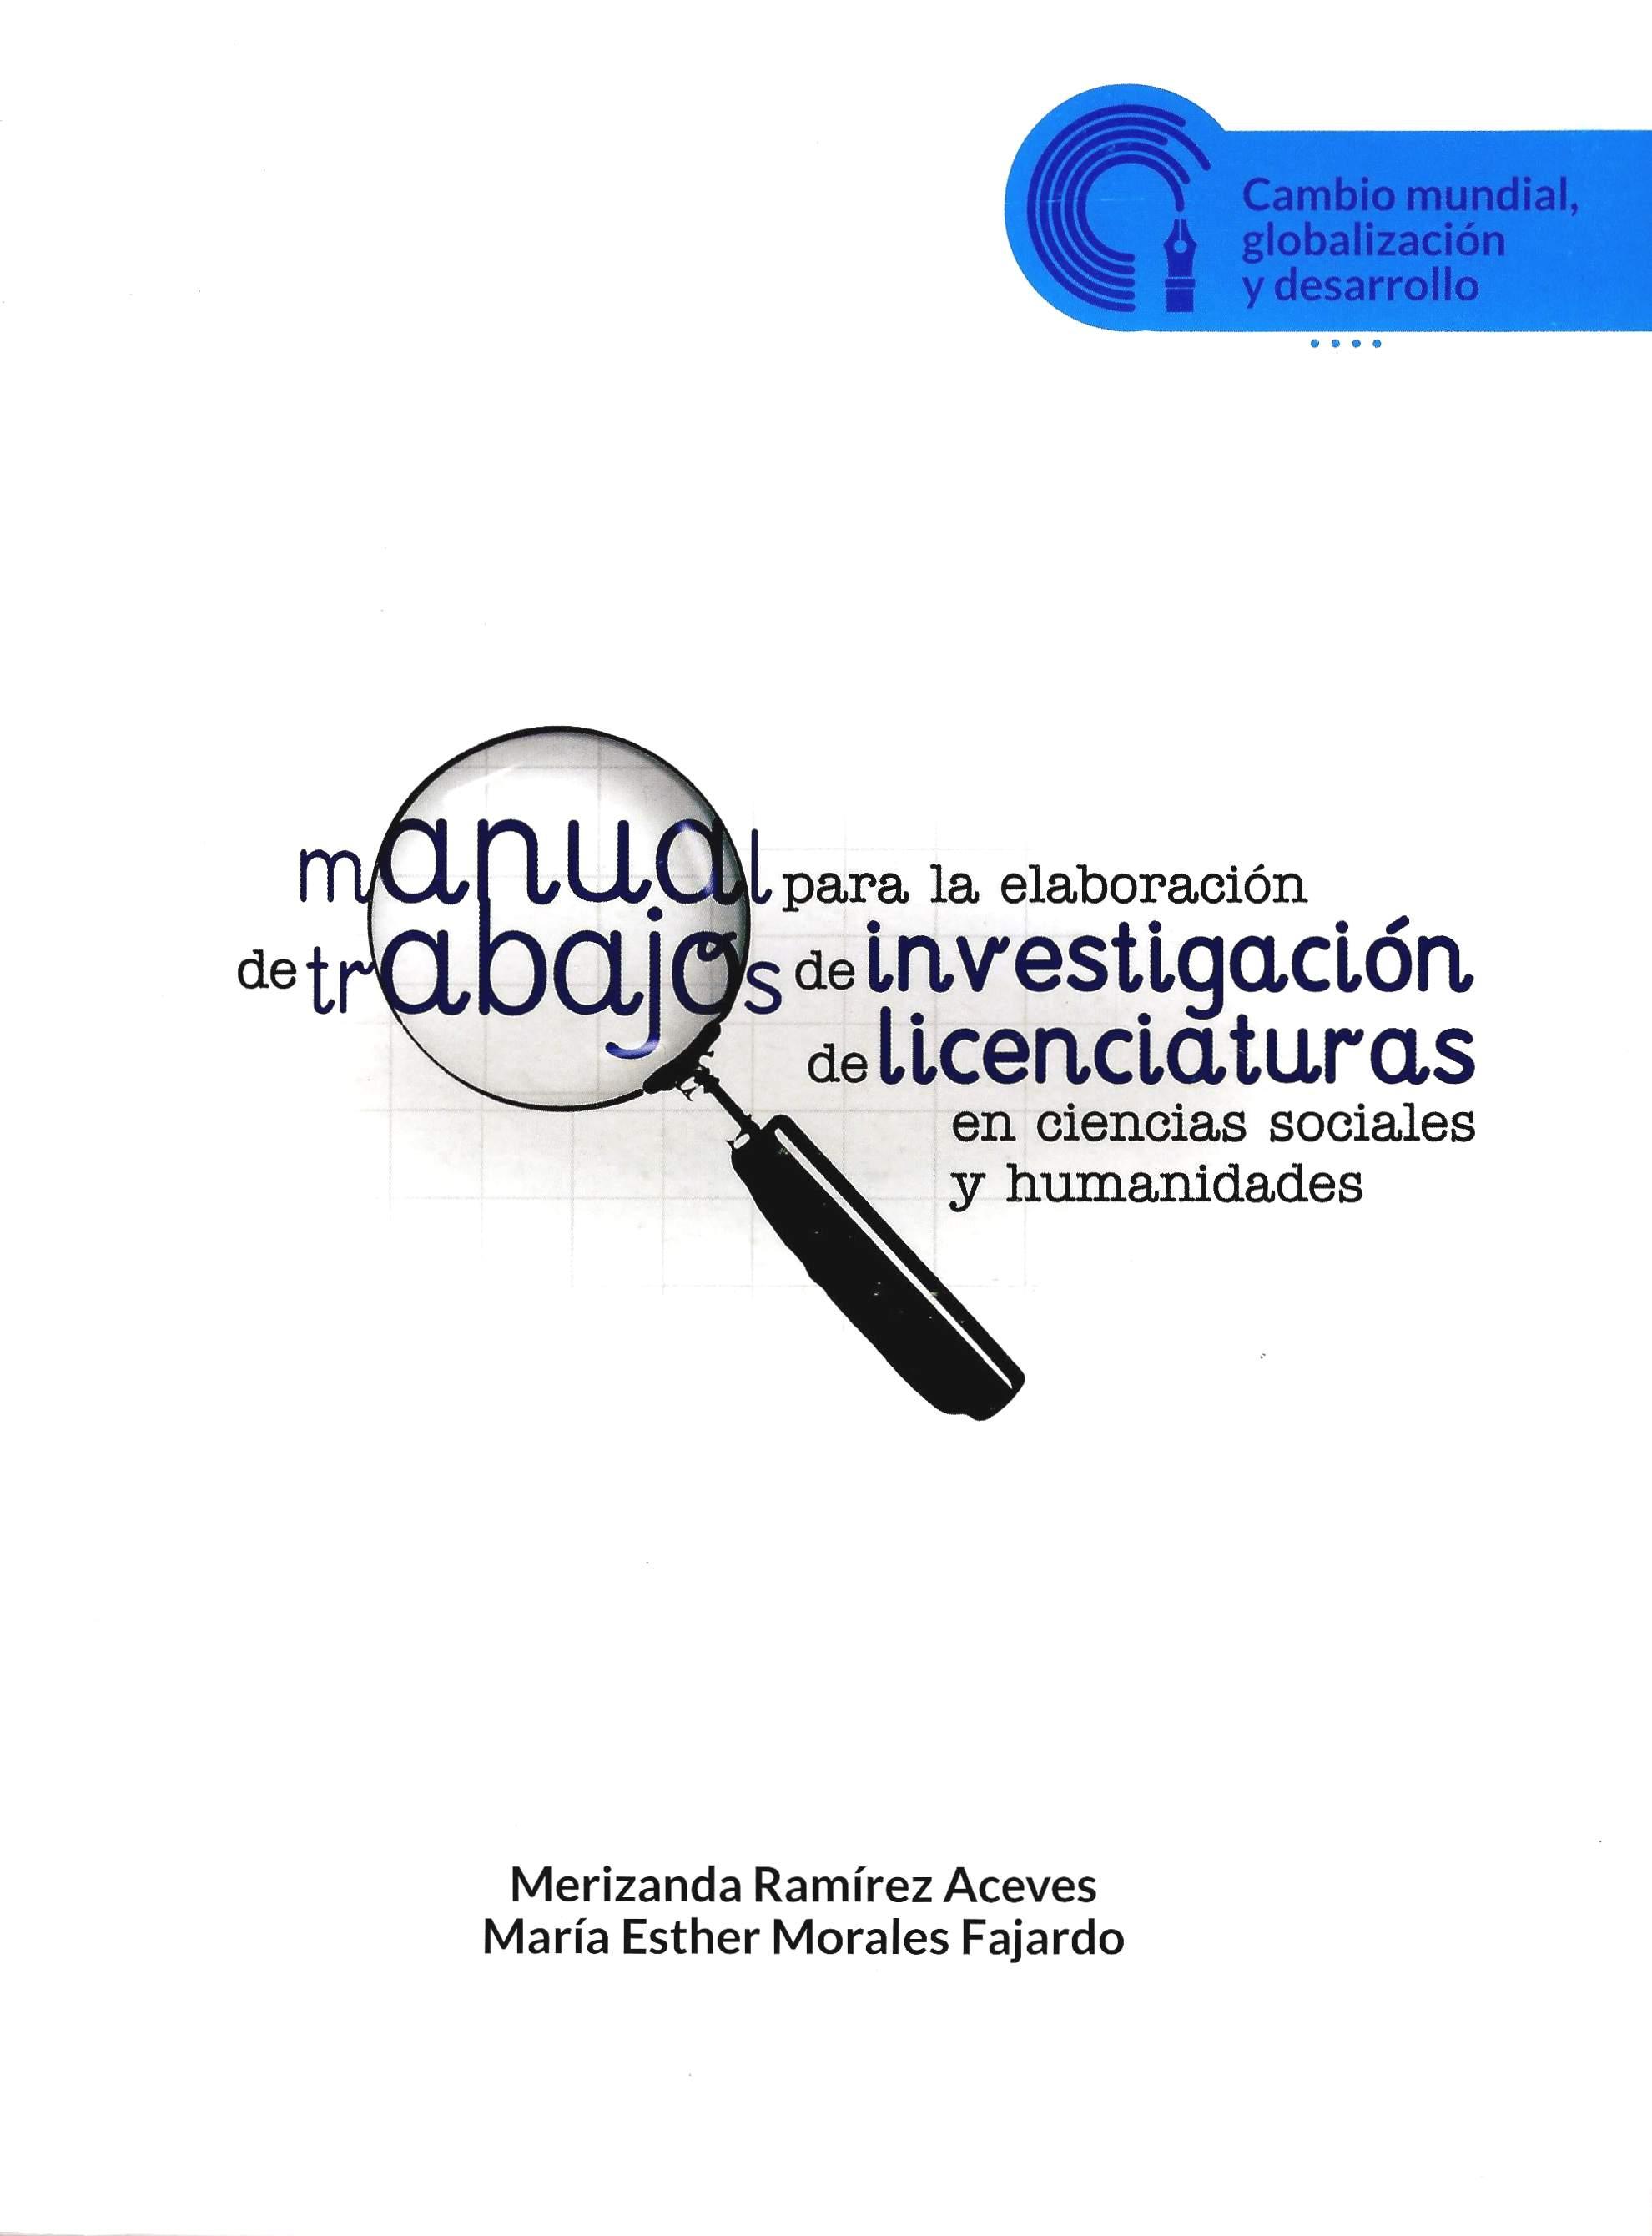 Manual para la elaboración de trabajos de investigación de licenciaturas en ciencias sociales y humanidades